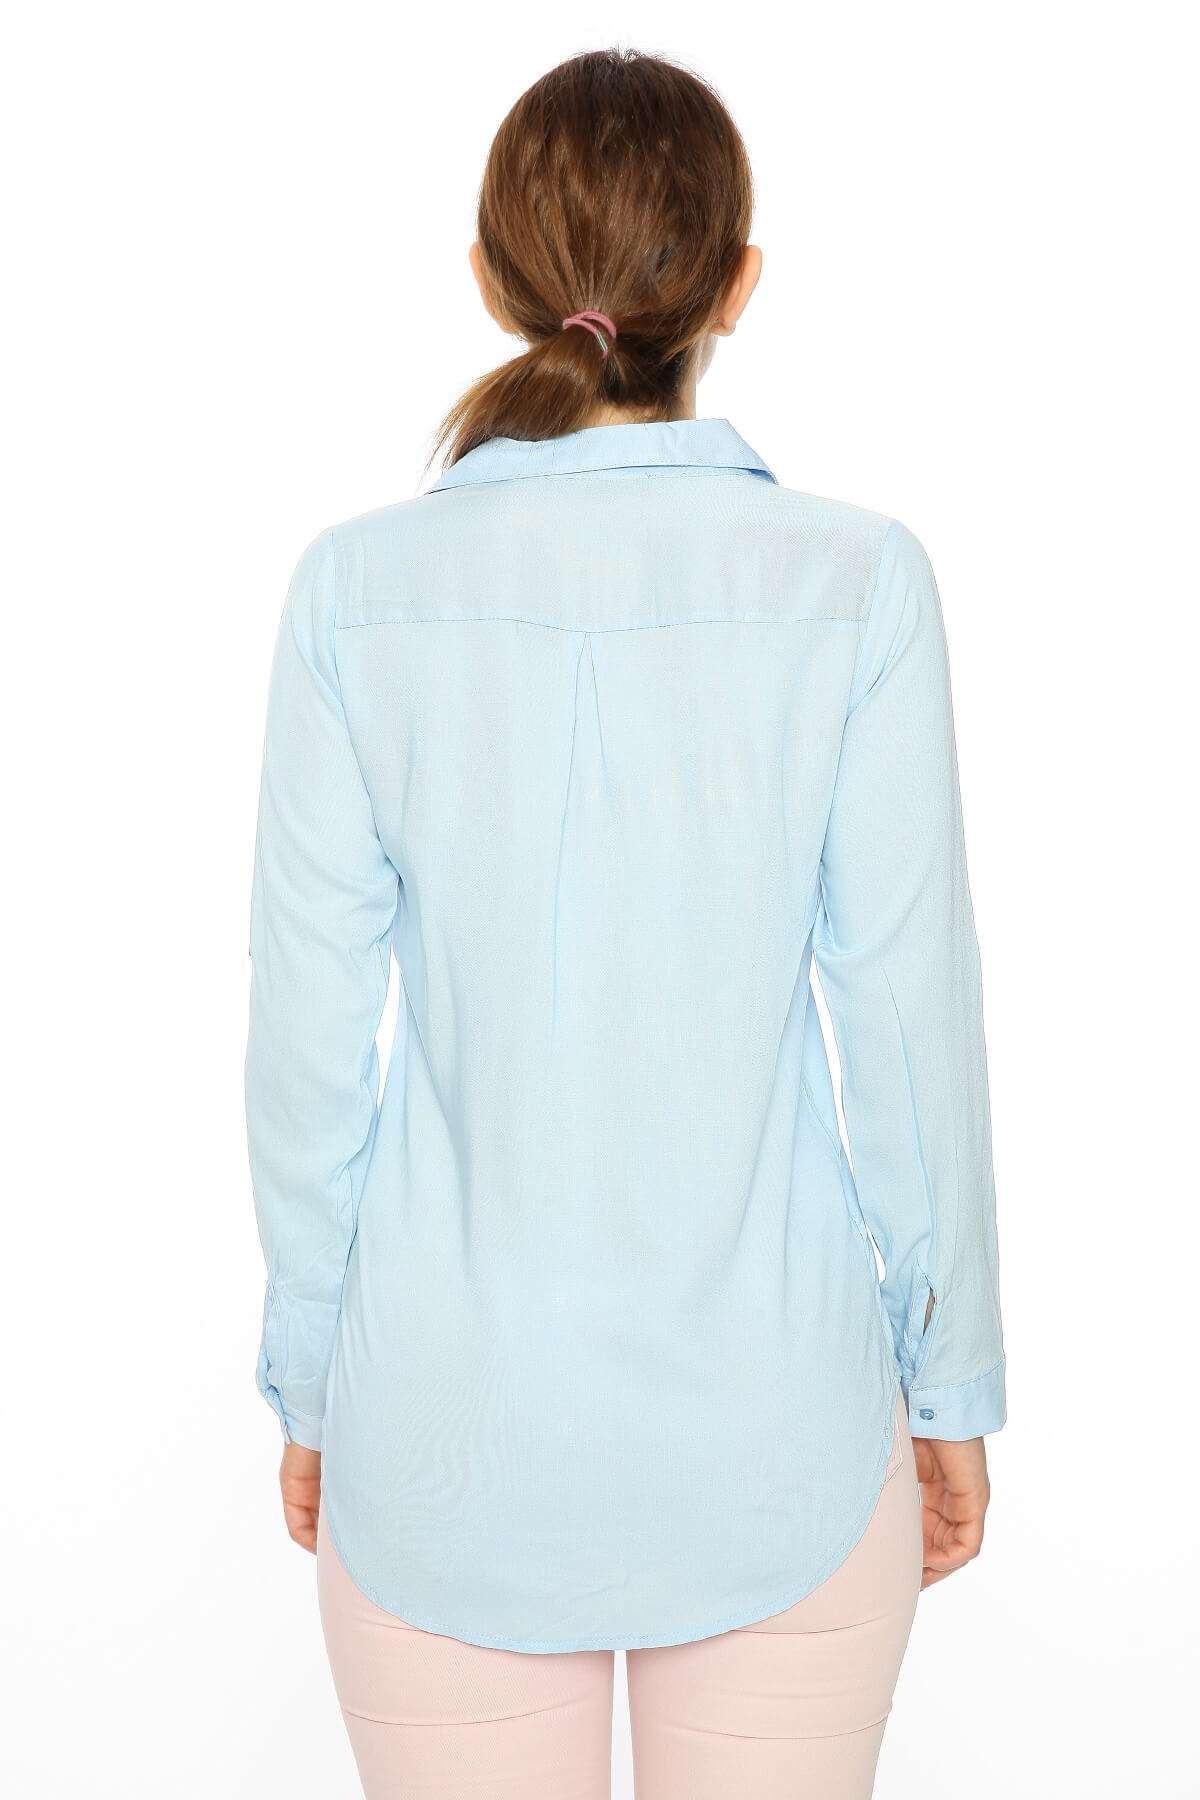 Uzun Kol Pullu Püskül Gömlek B.Mavı